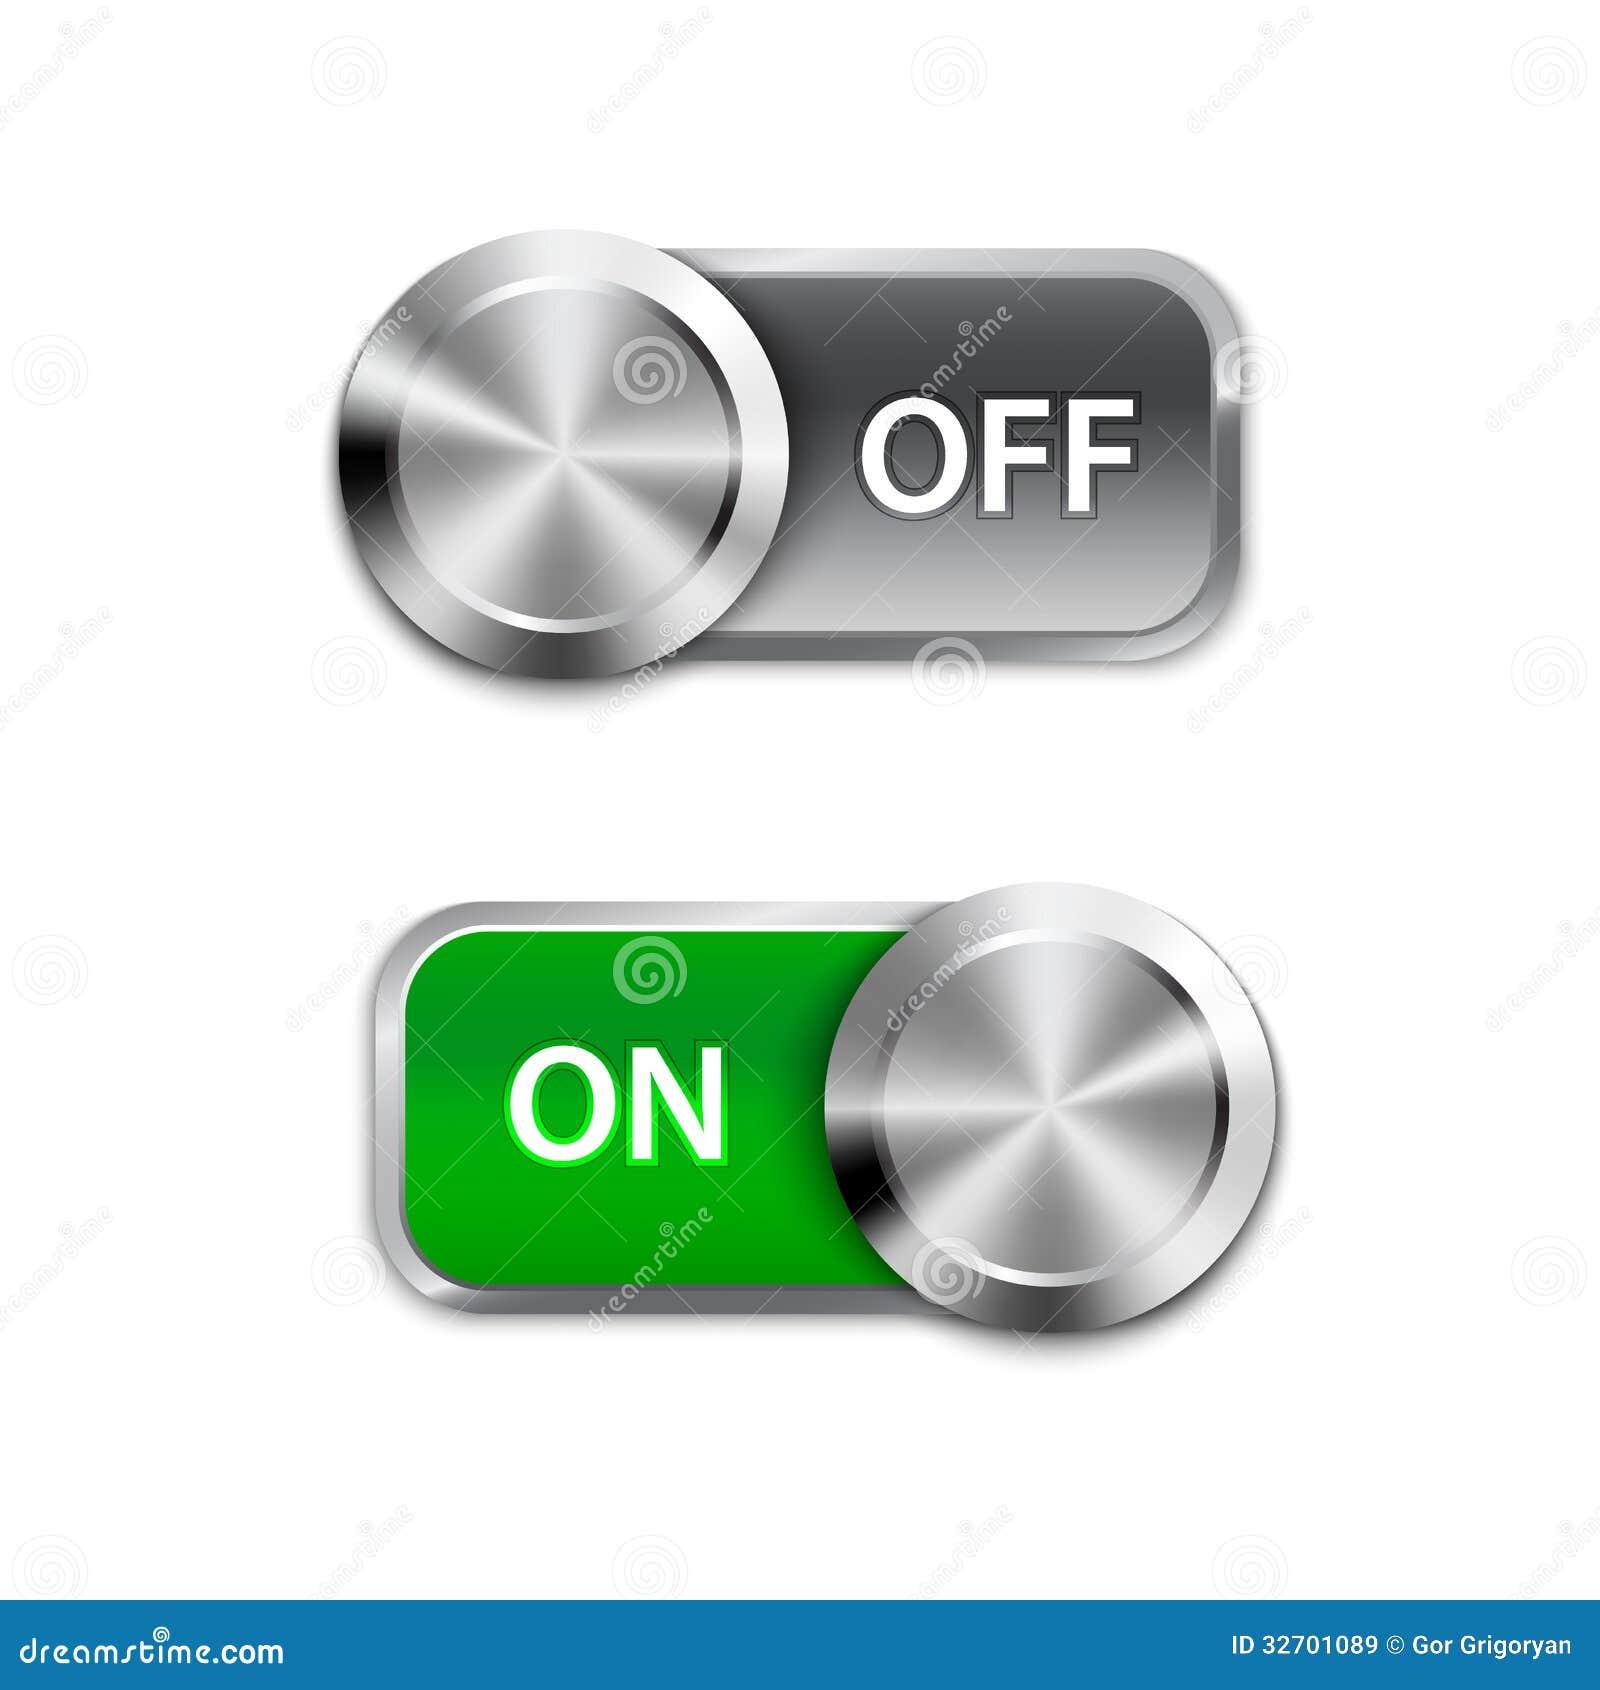 Knevelschakelaar aan en uit positie, On/Off schuiven